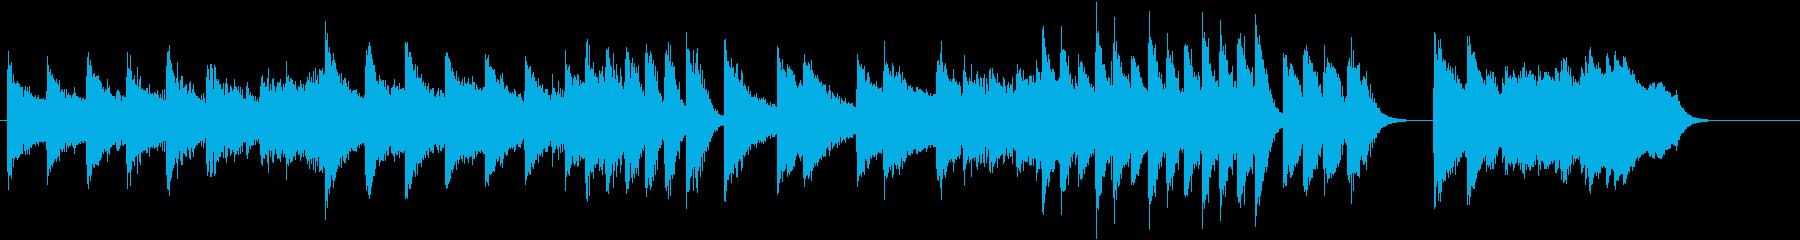 「花のワルツ」クラシックピアノジングルFの再生済みの波形